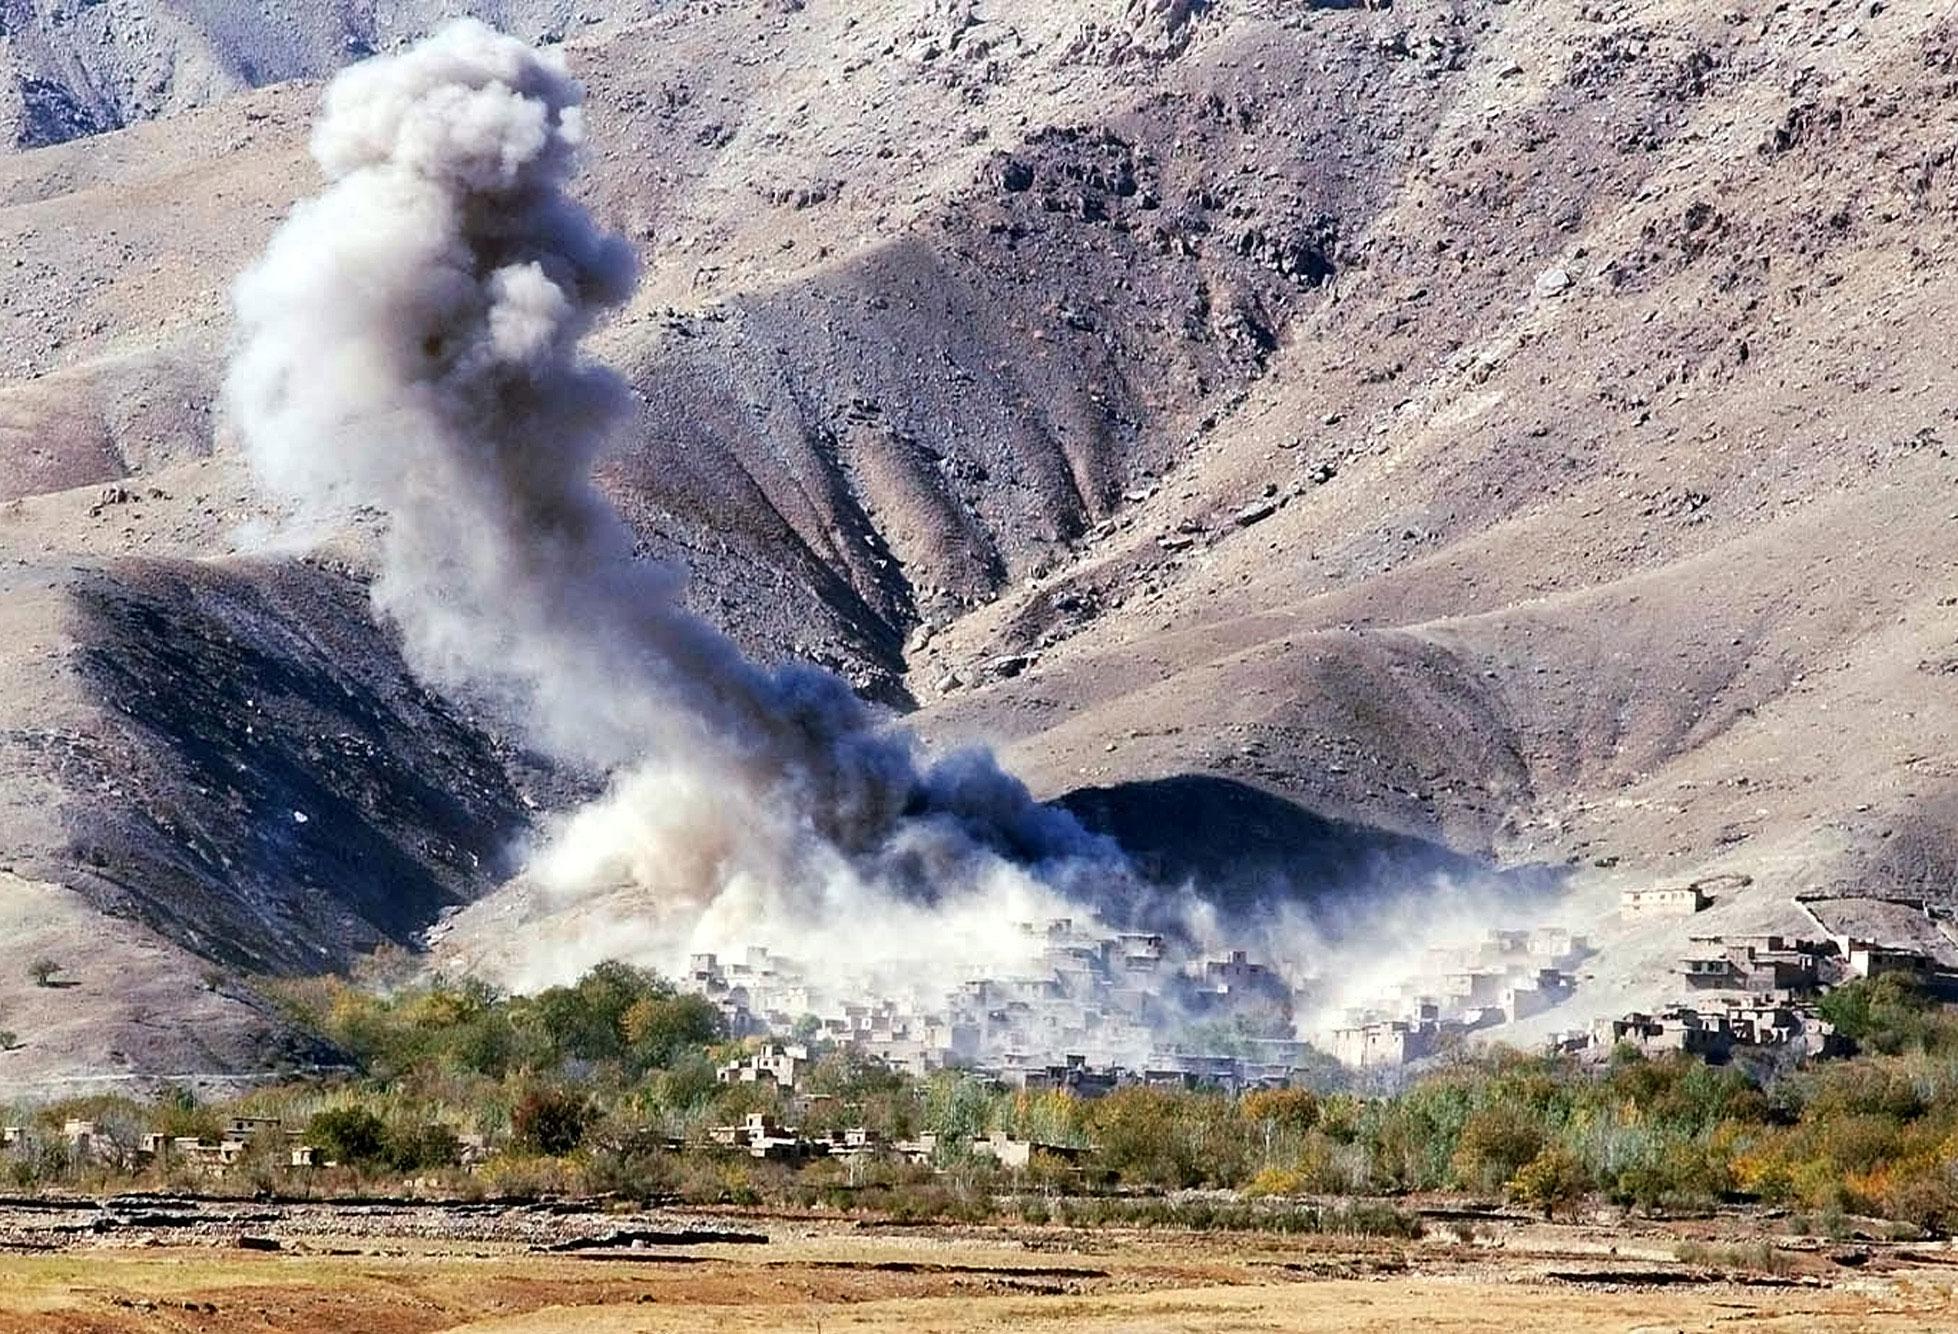 El humo se eleva desde el pueblo de Esferghich después de un ataque aéreo estadounidense.